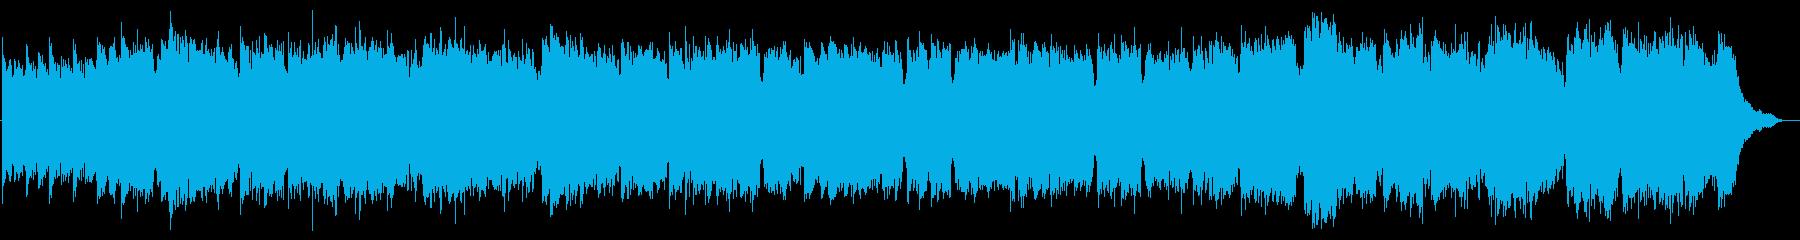 民族調三拍子のフルートオリジナル曲の再生済みの波形